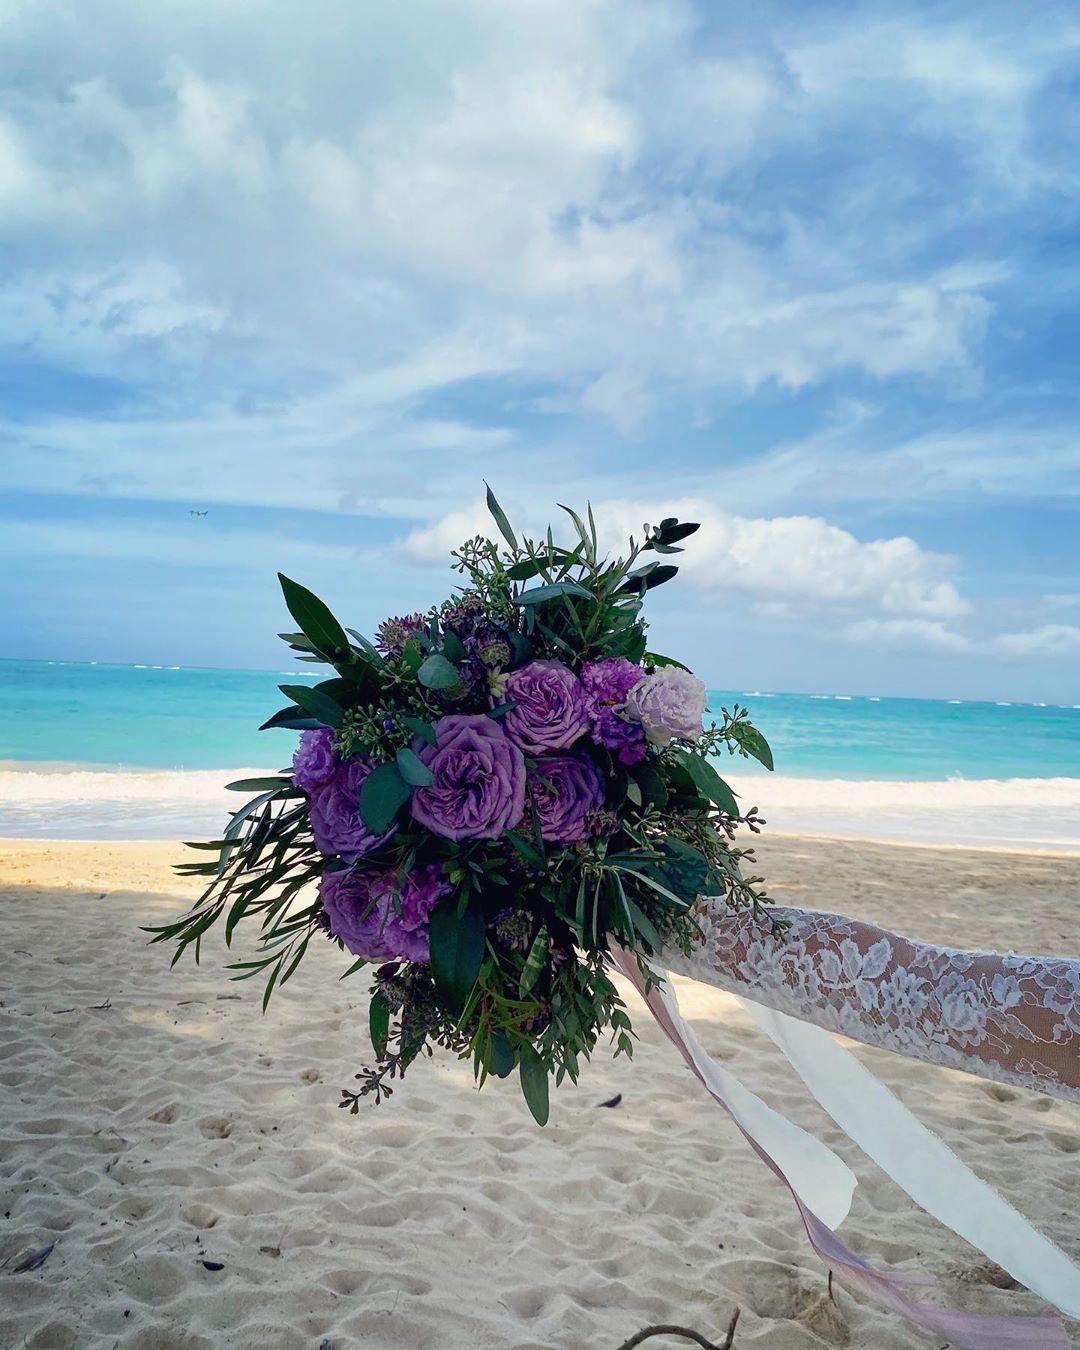 窪塚老婆在ig上載婚禮花束照片。